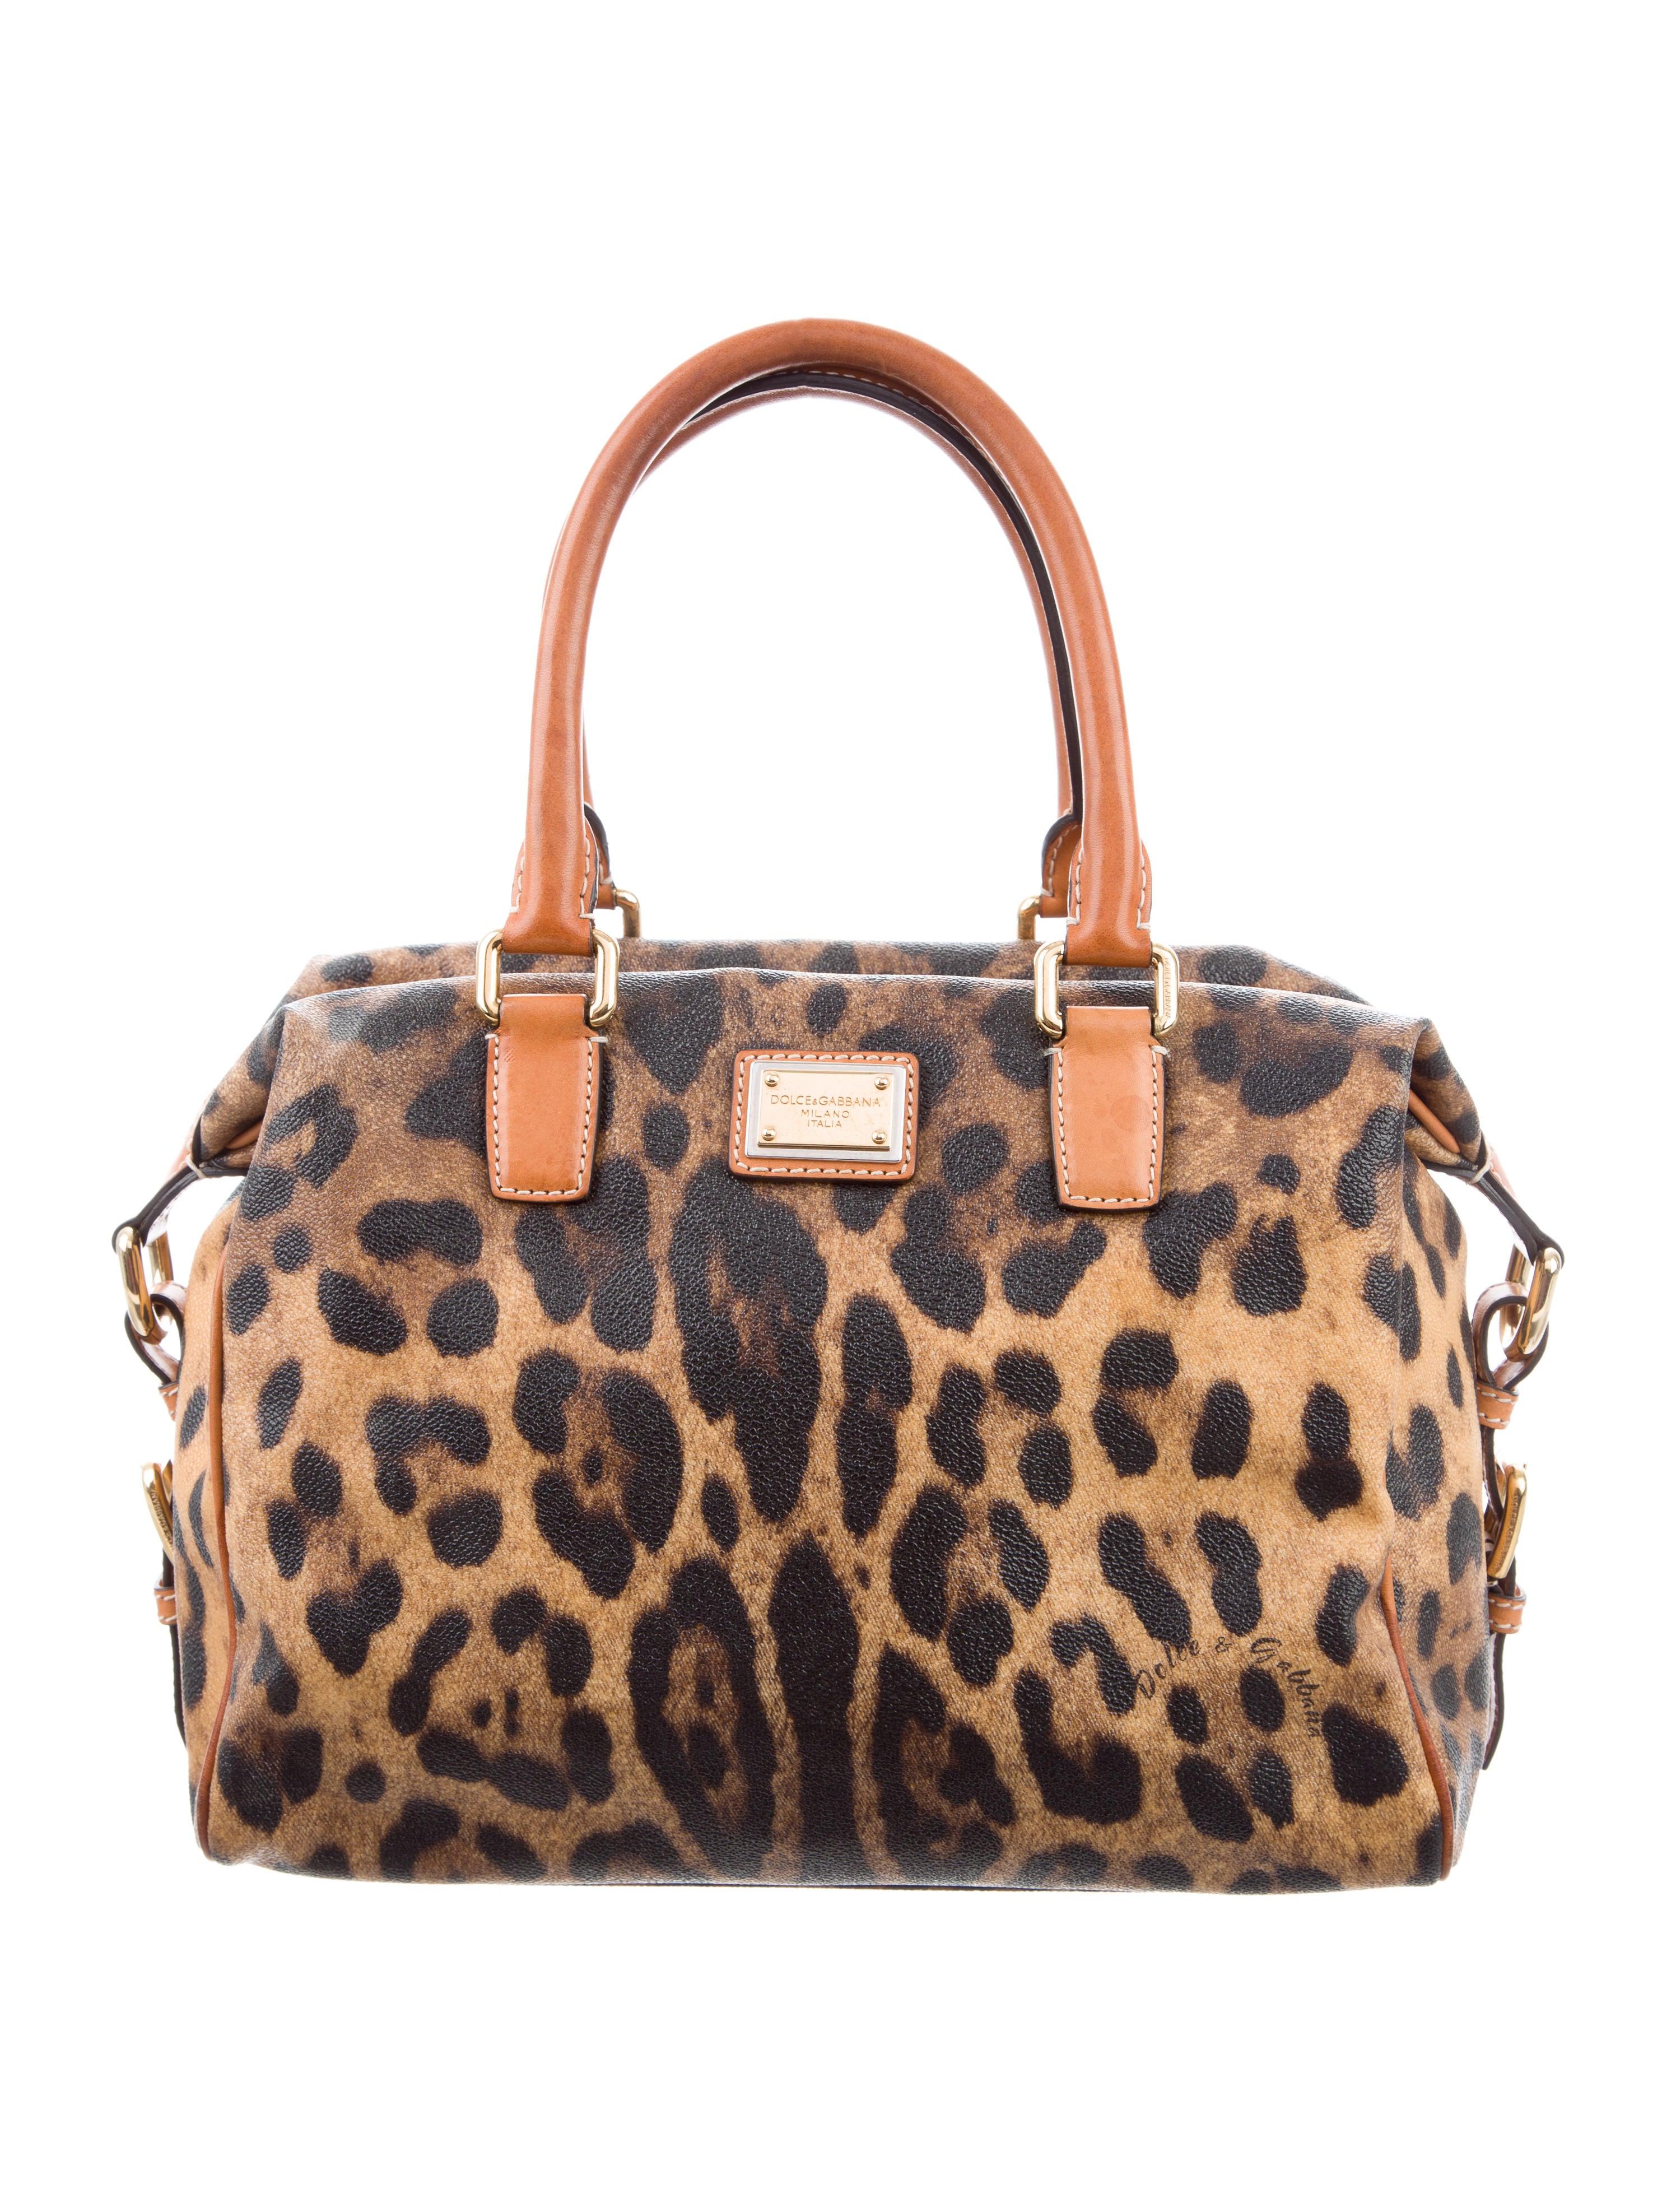 Leopard Print Boston Bag